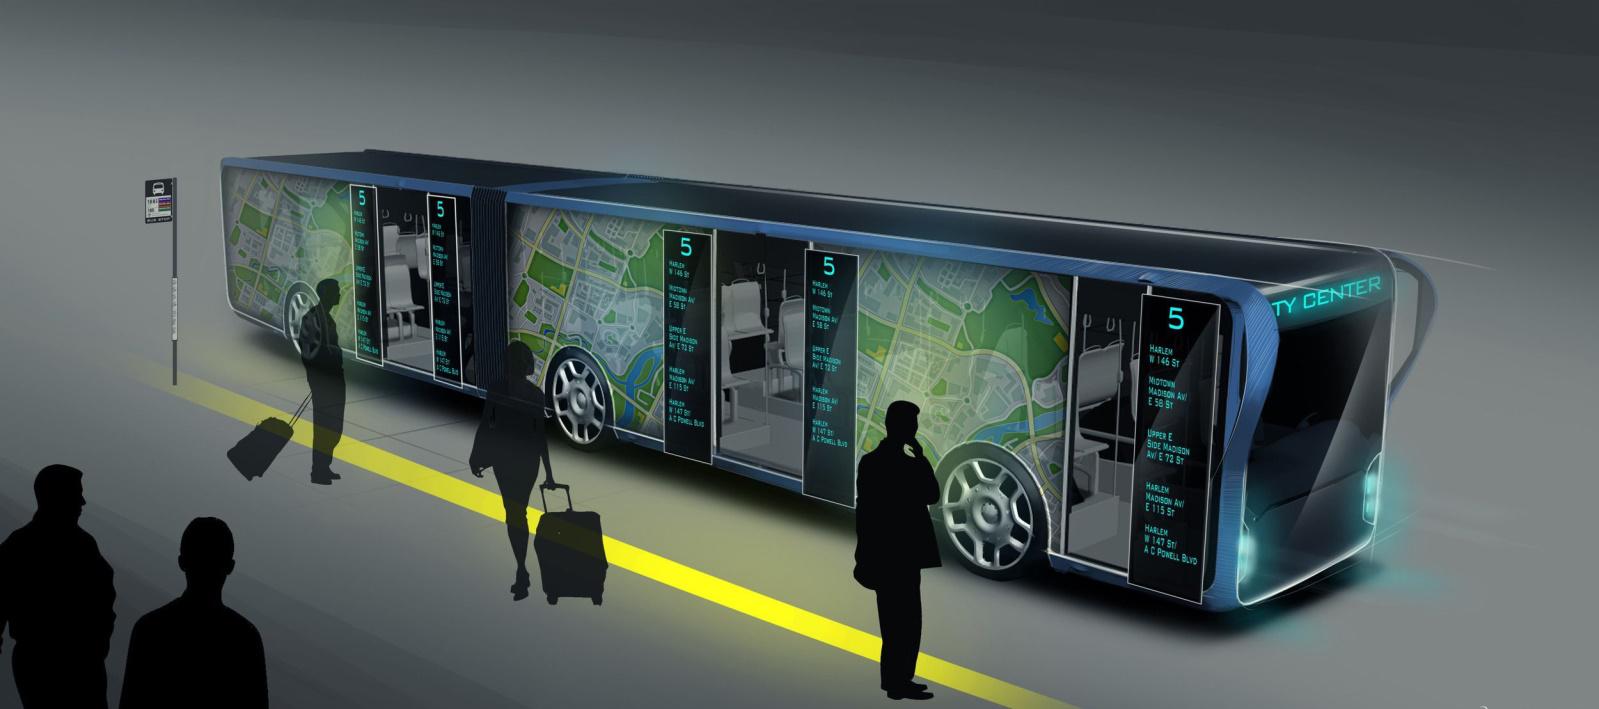 2018年智能交通行业发展趋势分析 综合运输与智能交通为国家重点布局